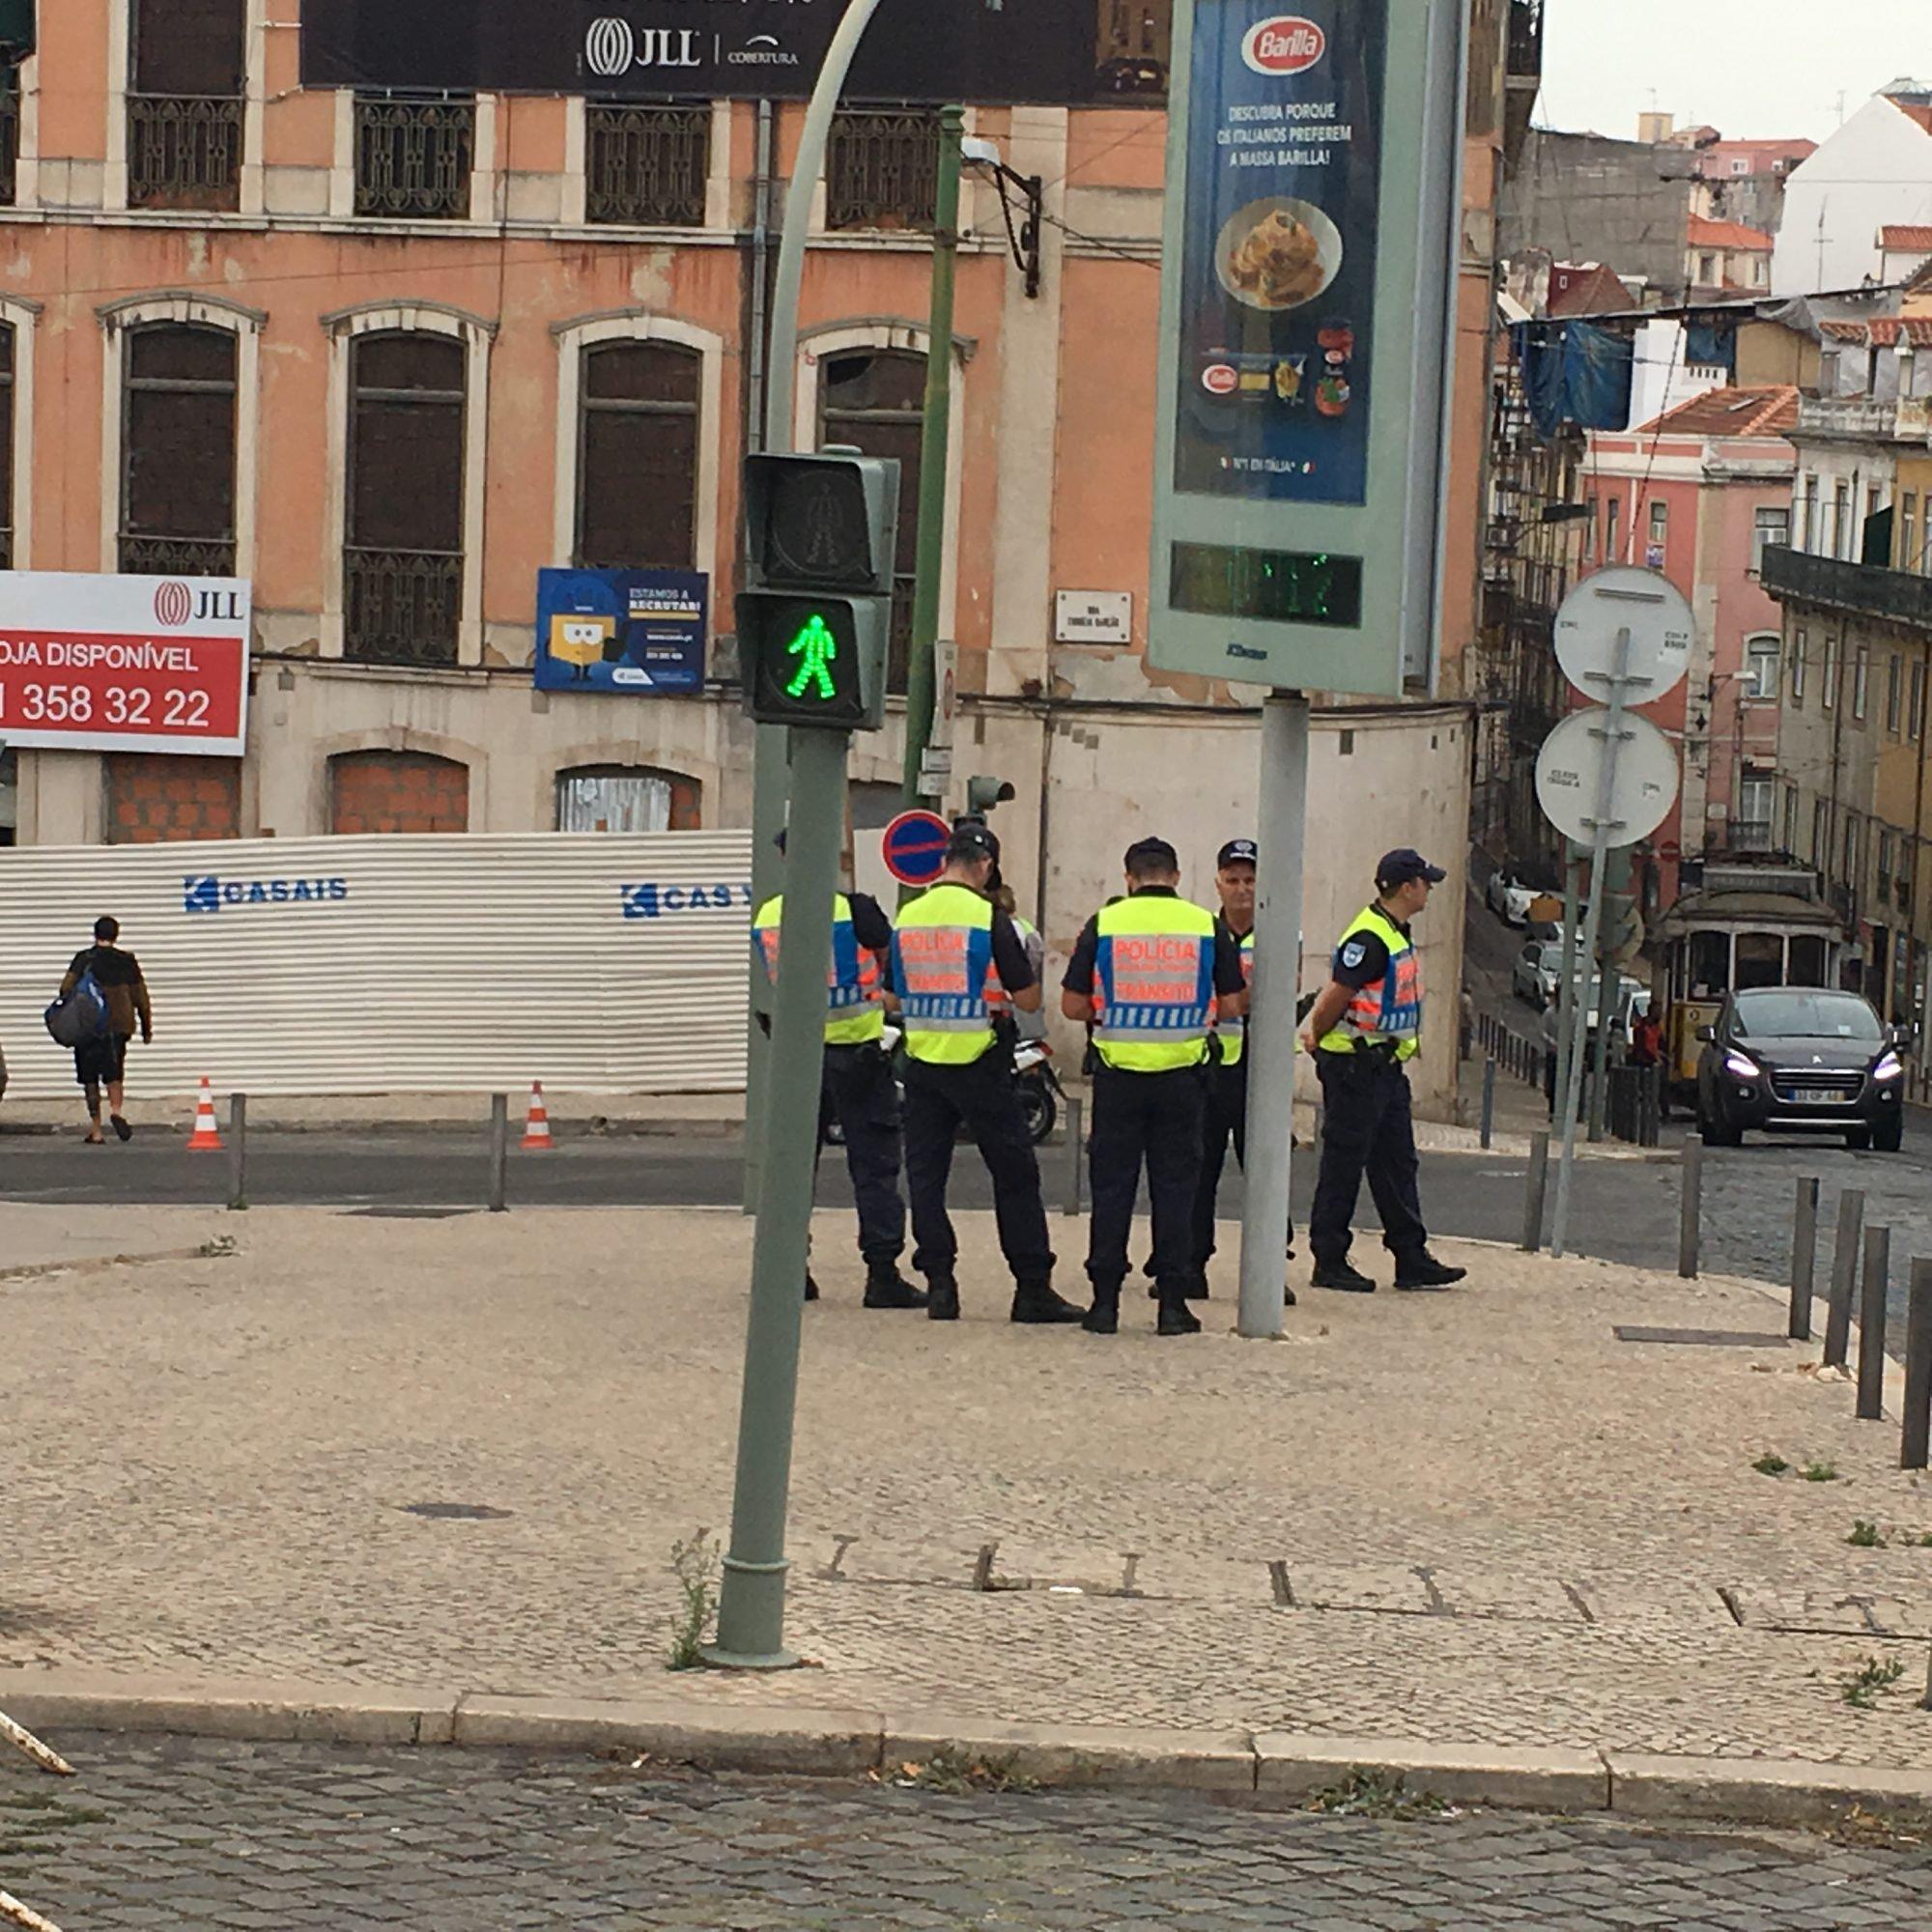 b79141280aca8 Terminou o protesto dos taxistas. Dia 17 vão estar no Palácio de ...